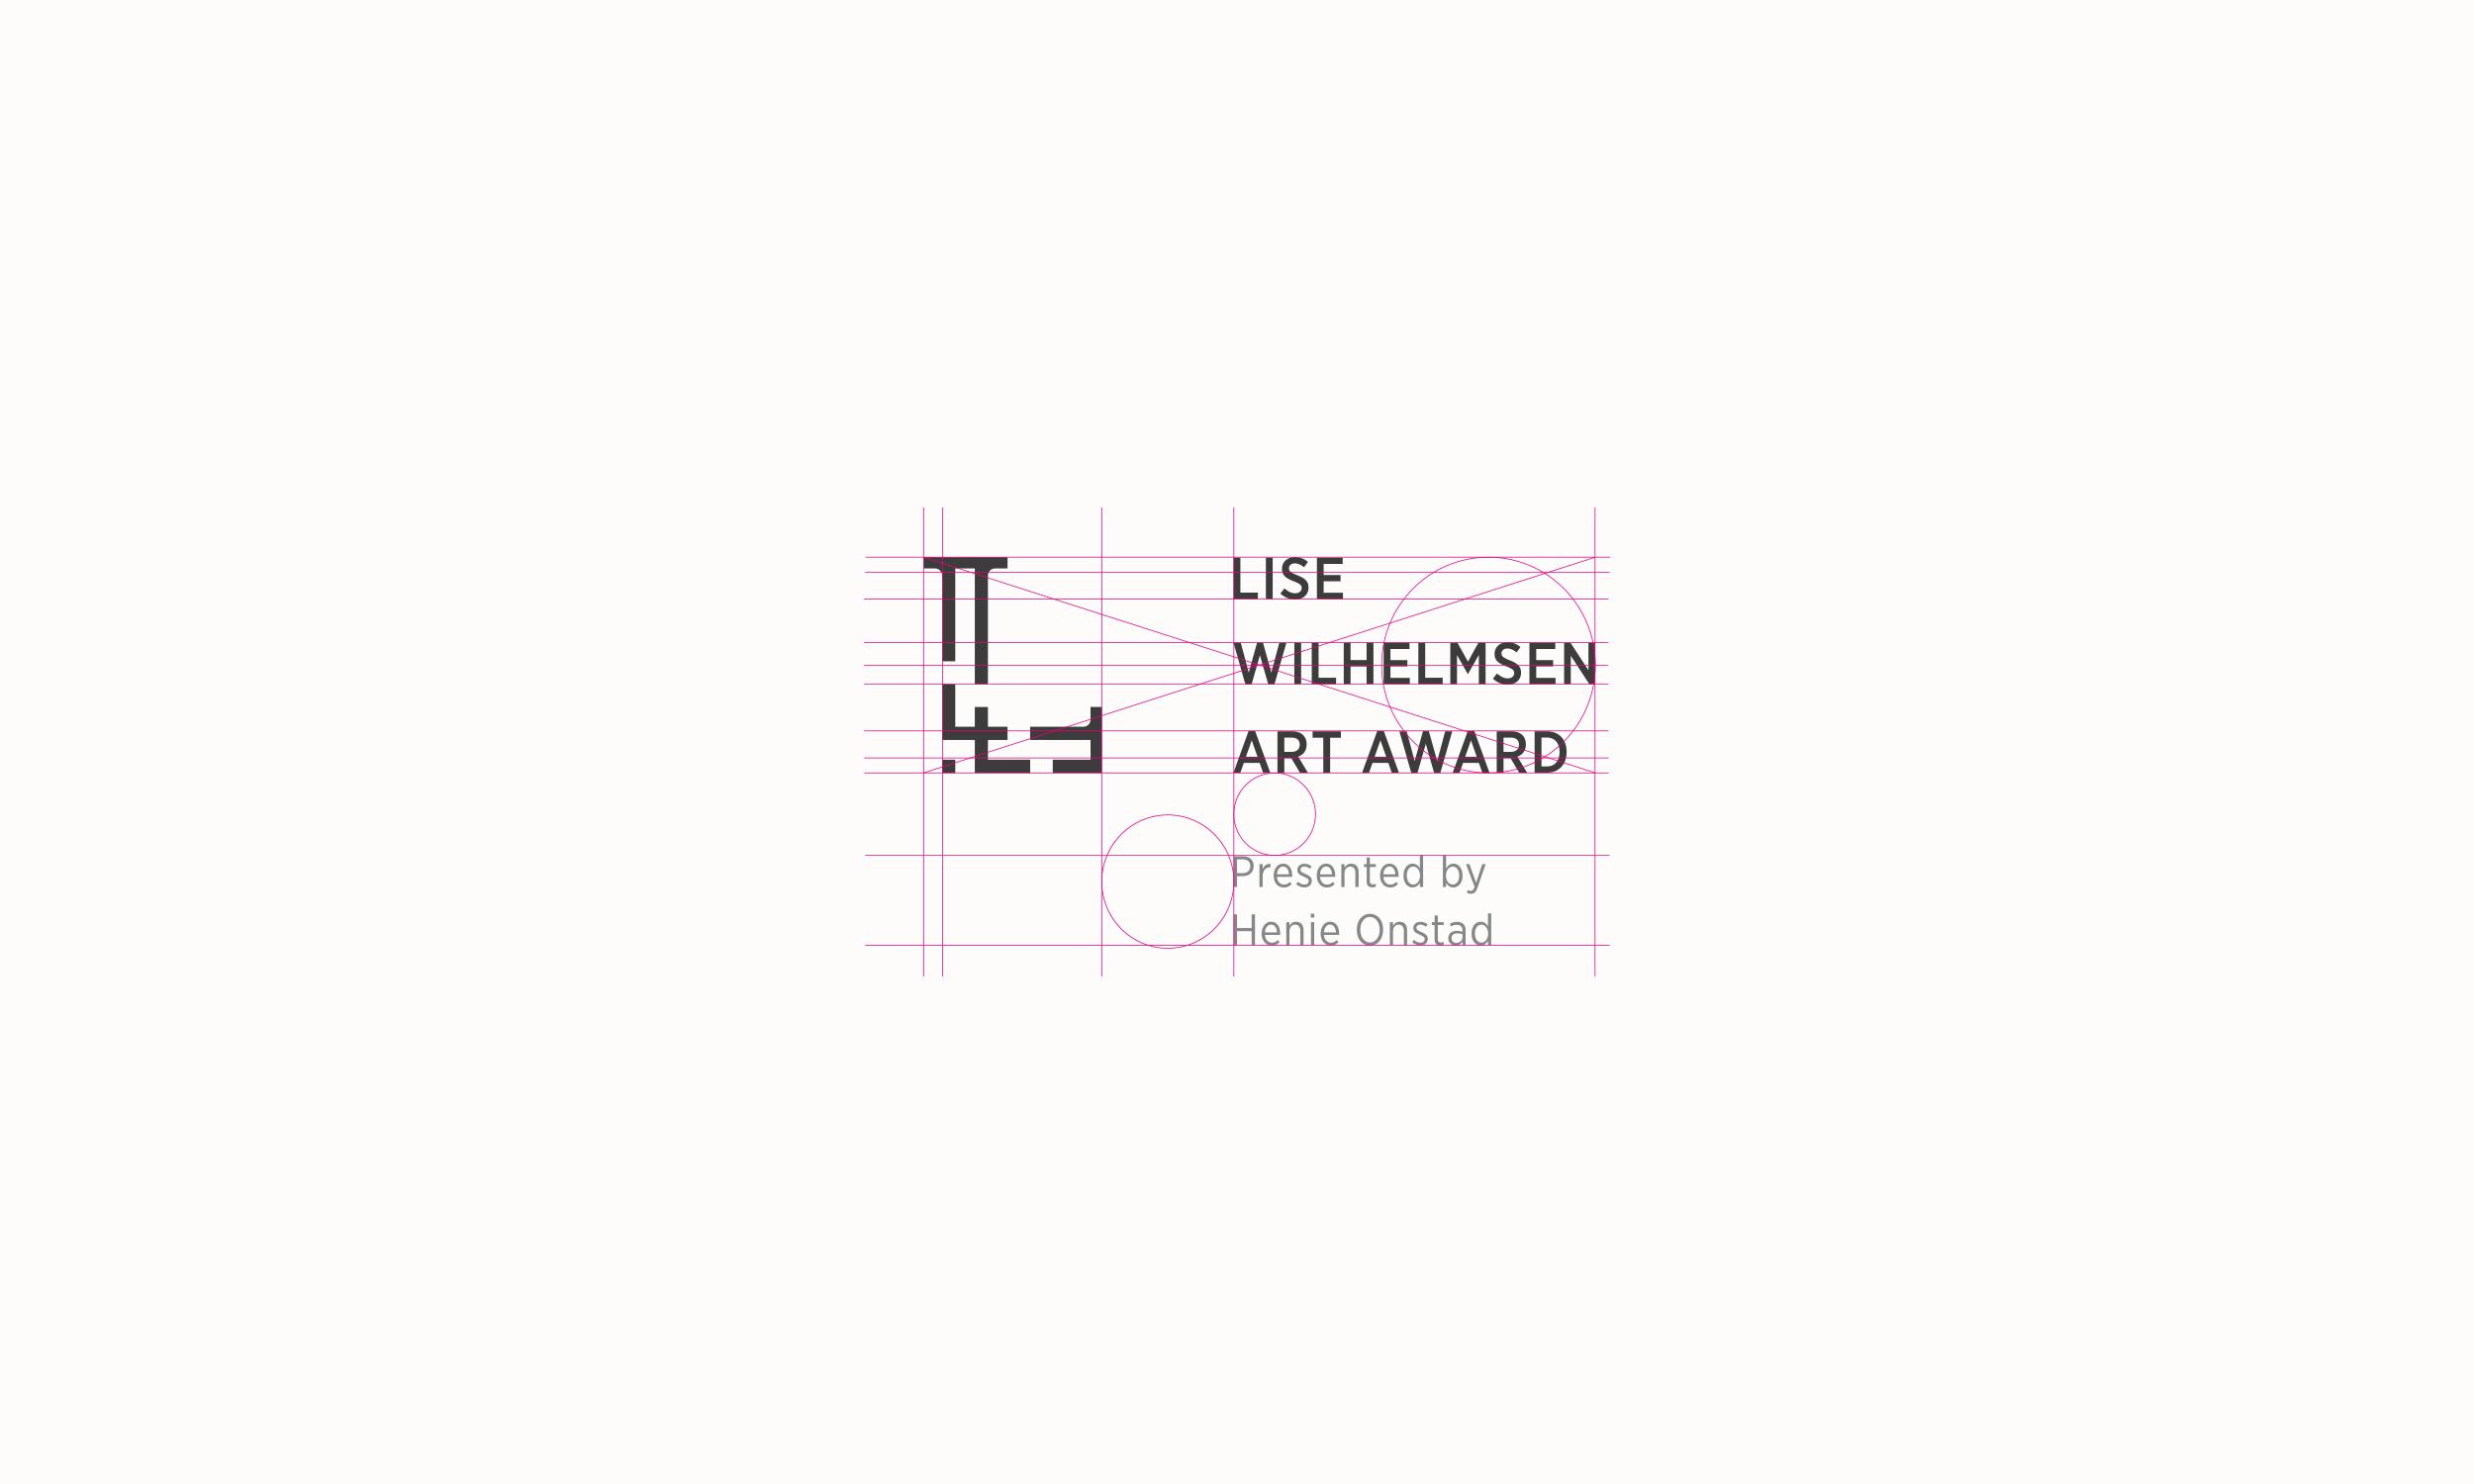 n og Lise Wilhelmsen Art Award horizontal Logo